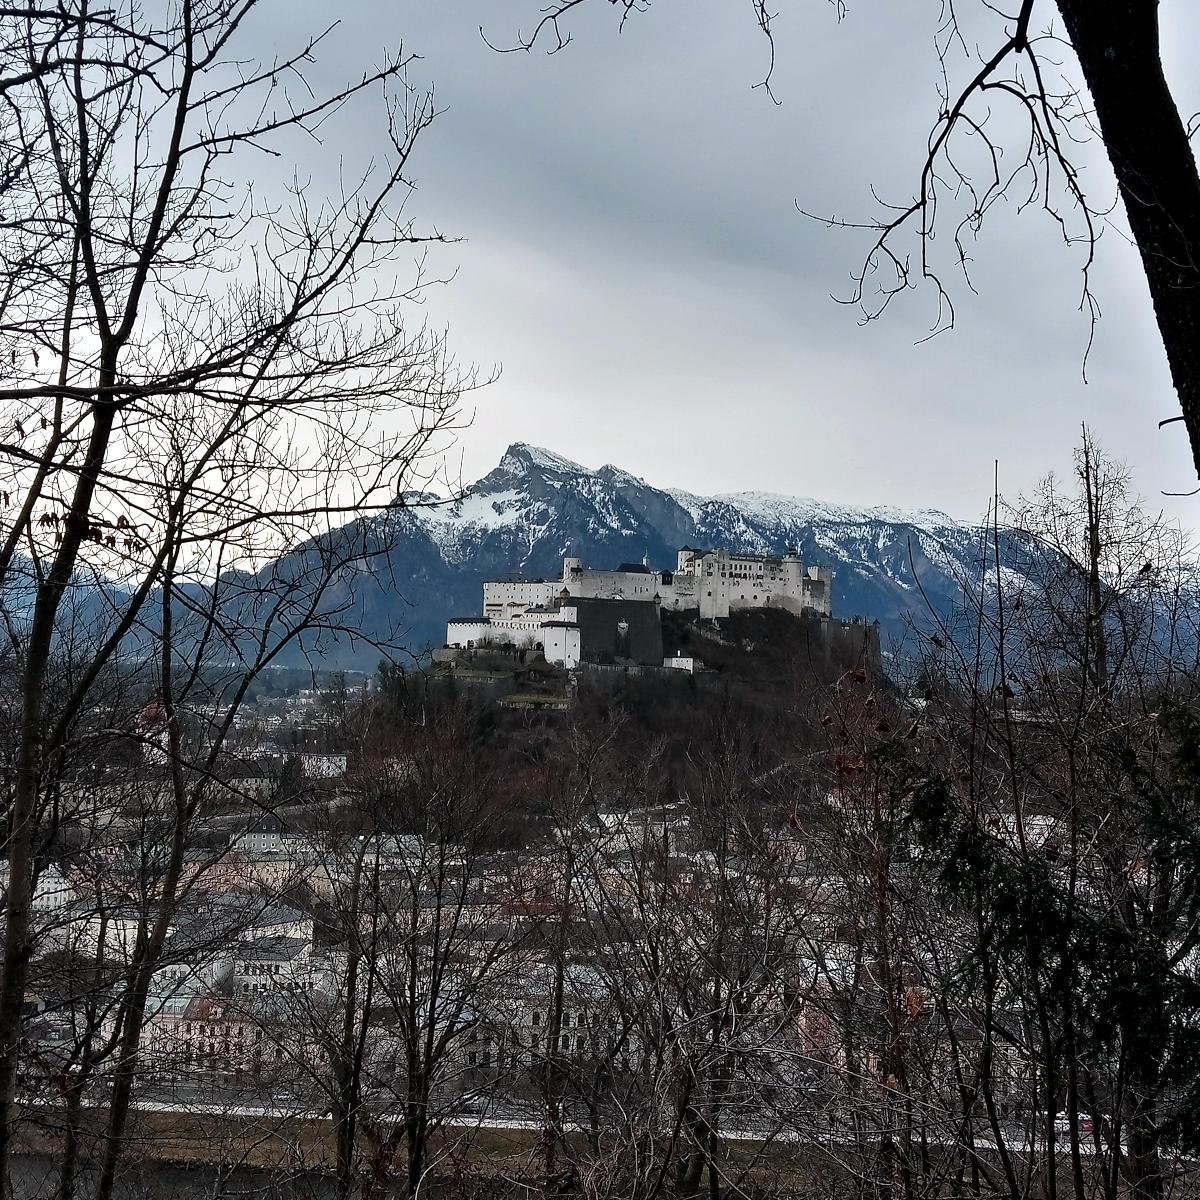 Festung Hohensalzburg vom Kapuzinerberg aus gesehen